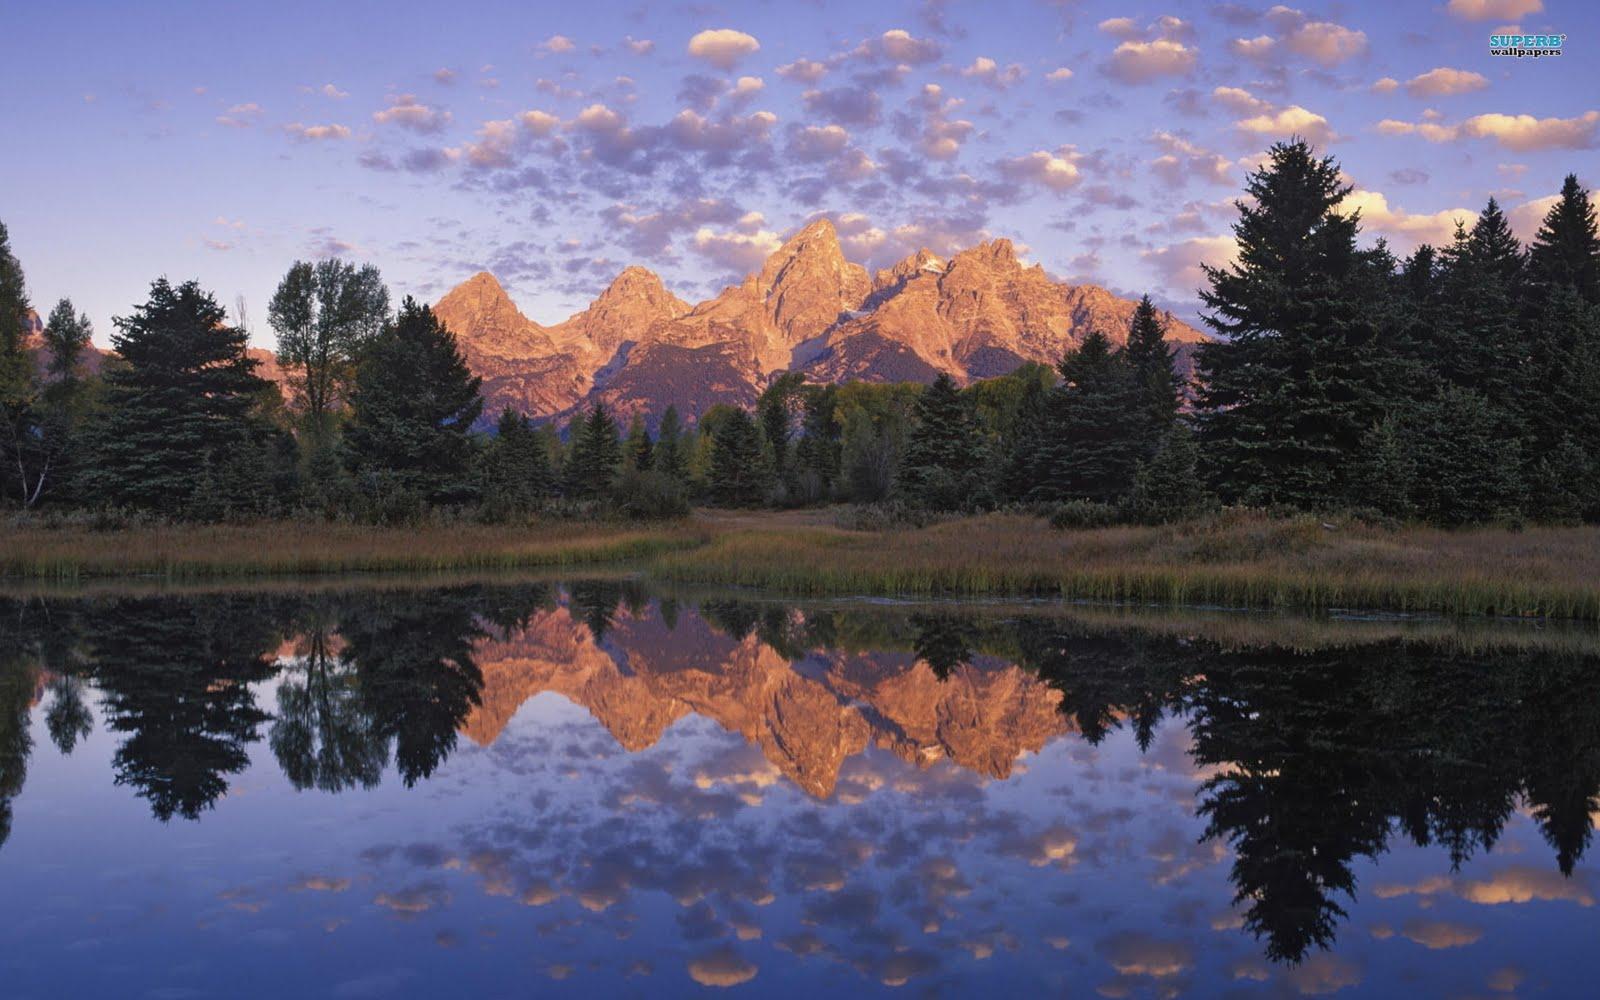 http://3.bp.blogspot.com/-CNxMnalKeWY/TcwSh29Z3uI/AAAAAAAANNg/hrdIEqC2wjY/s1600/grand-teton-national-park-3255-1920x1200.jpg